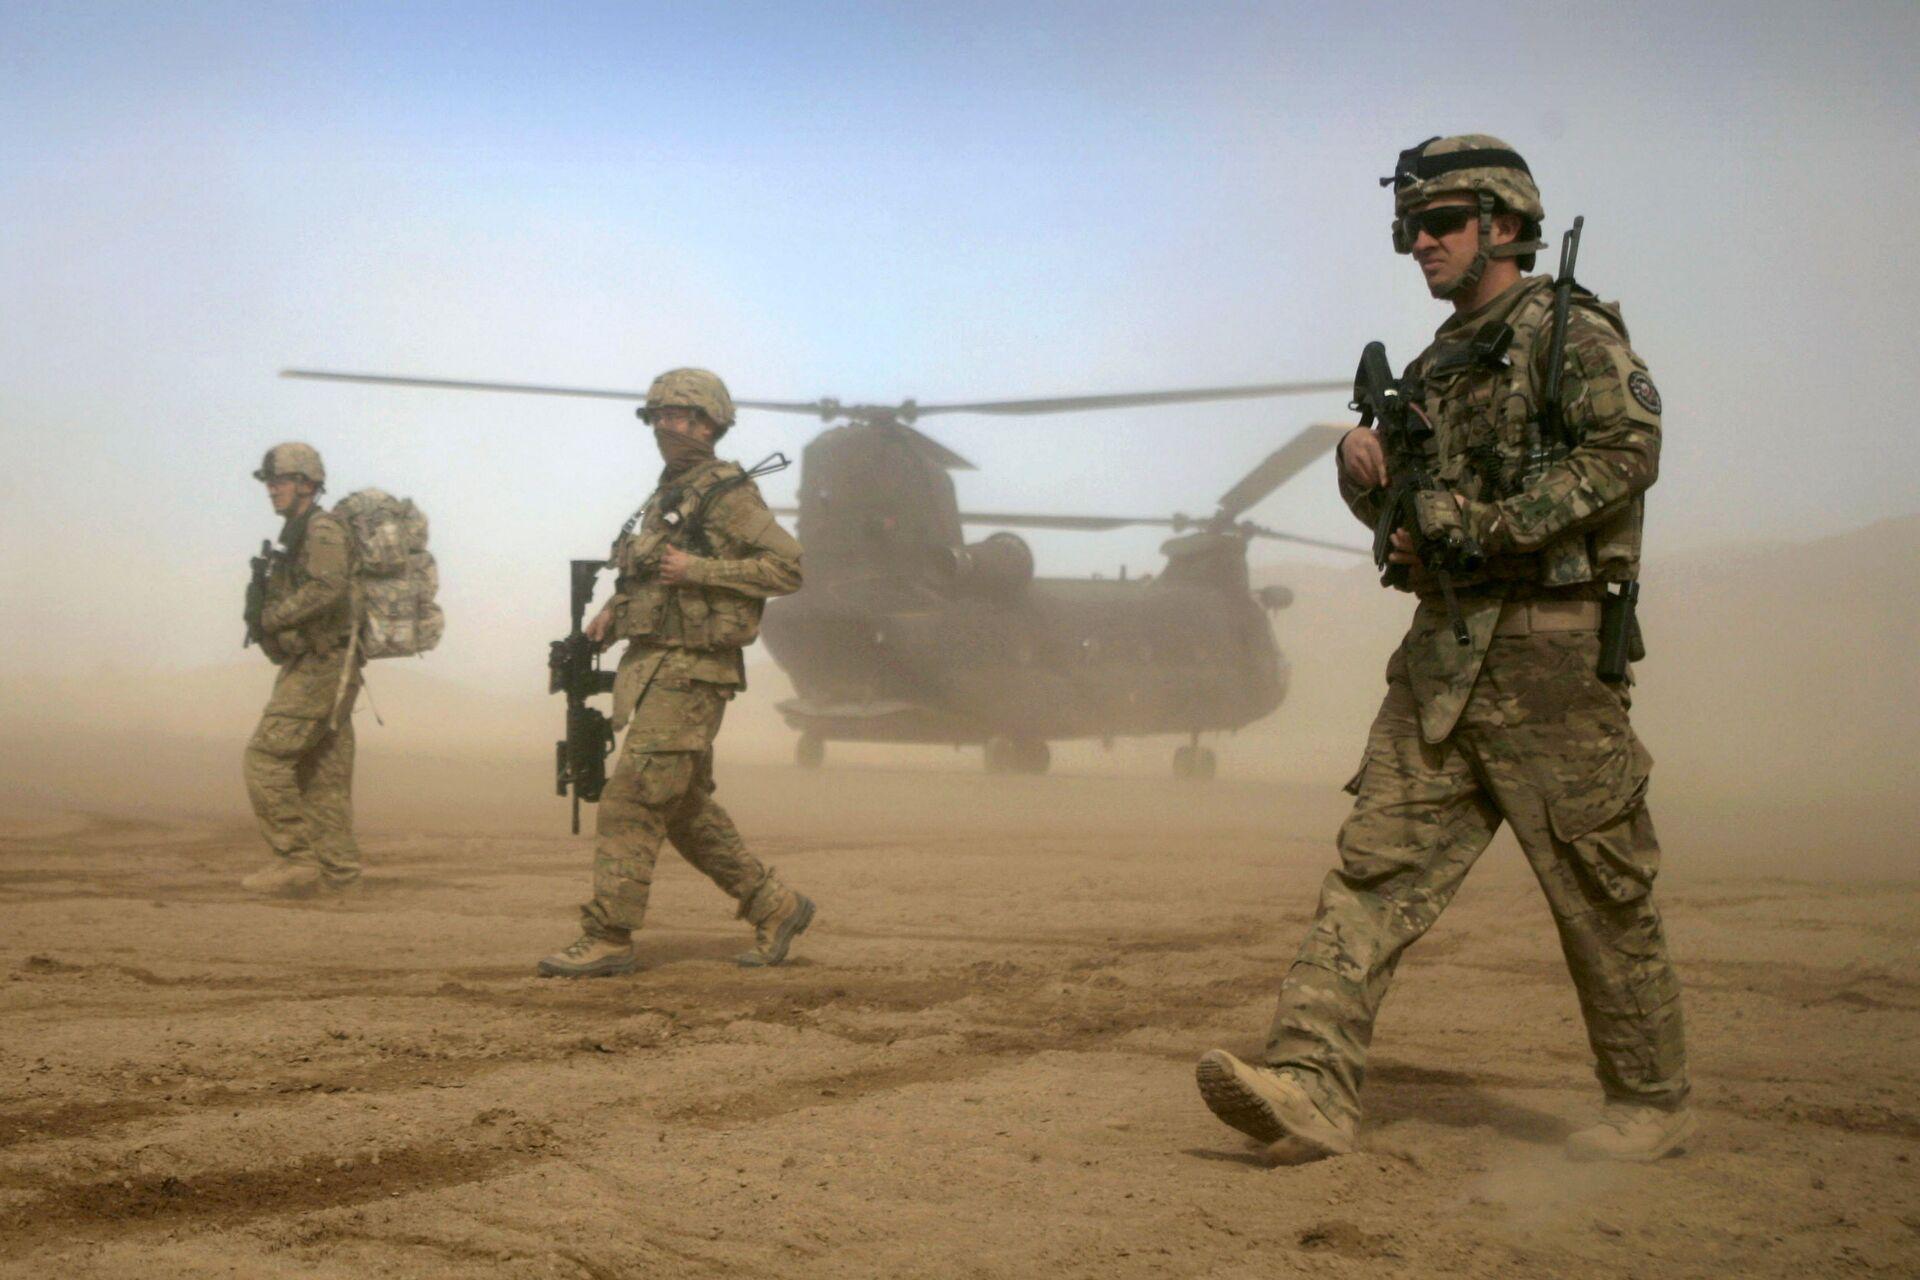 Военнослужащие США в Шинданде, Афганистан - РИА Новости, 1920, 28.01.2021